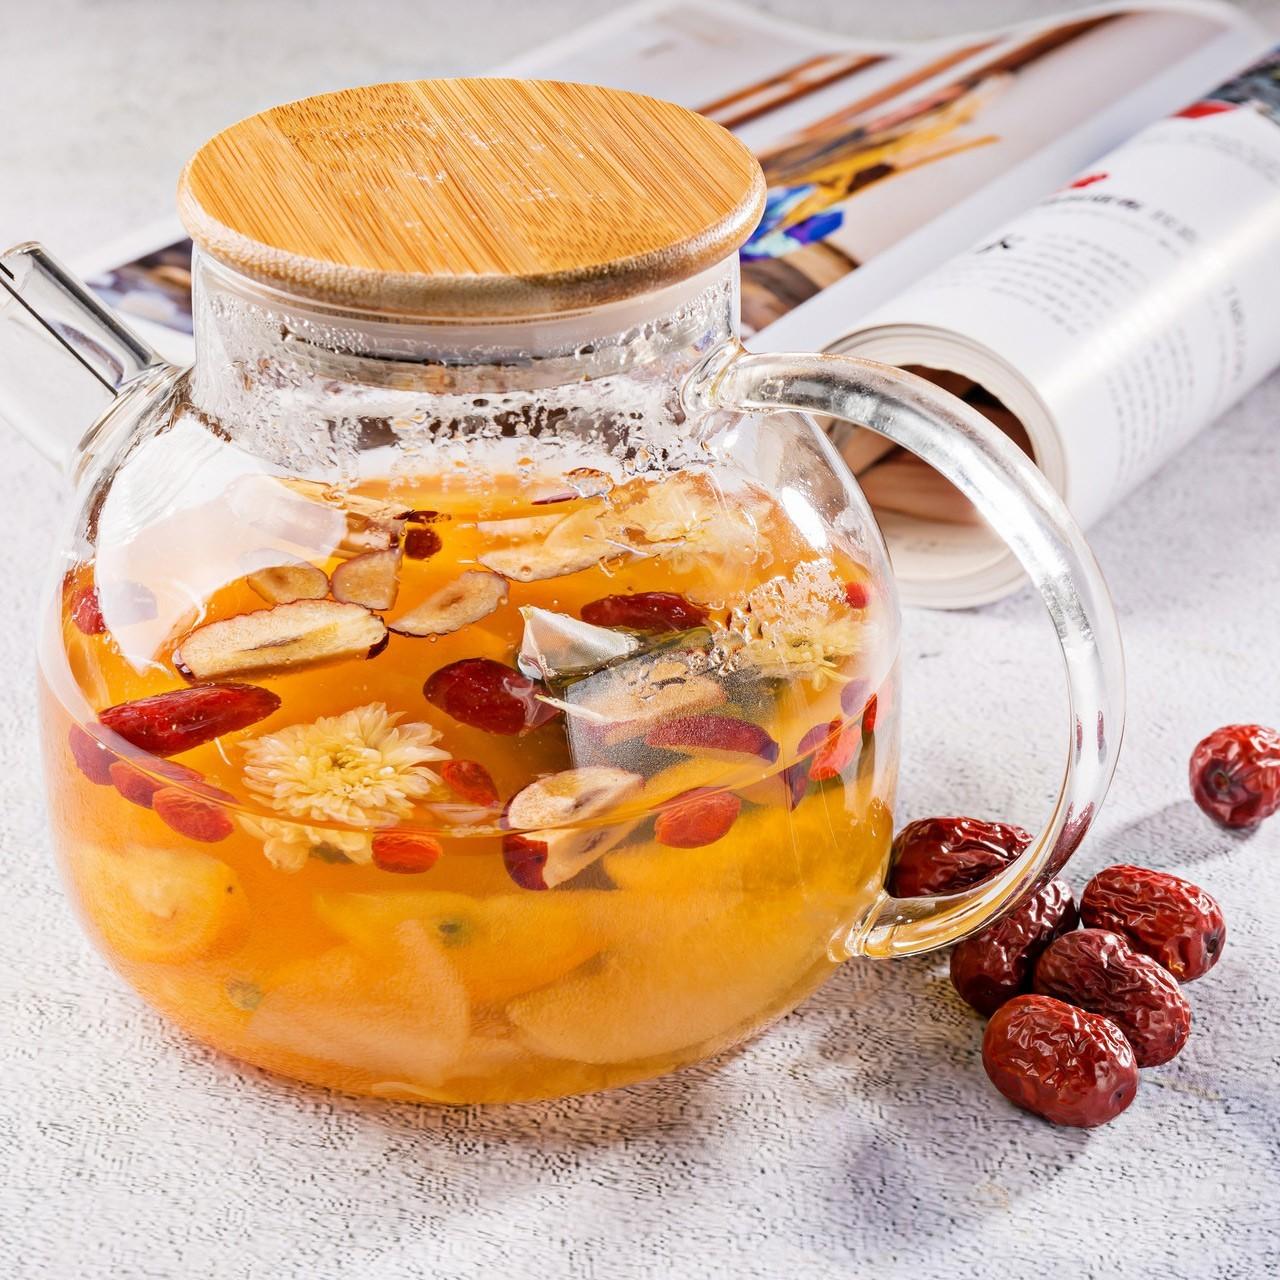 能够缓解干眼症的茶饮有哪些?枸杞、菊花、决明子该怎样用?